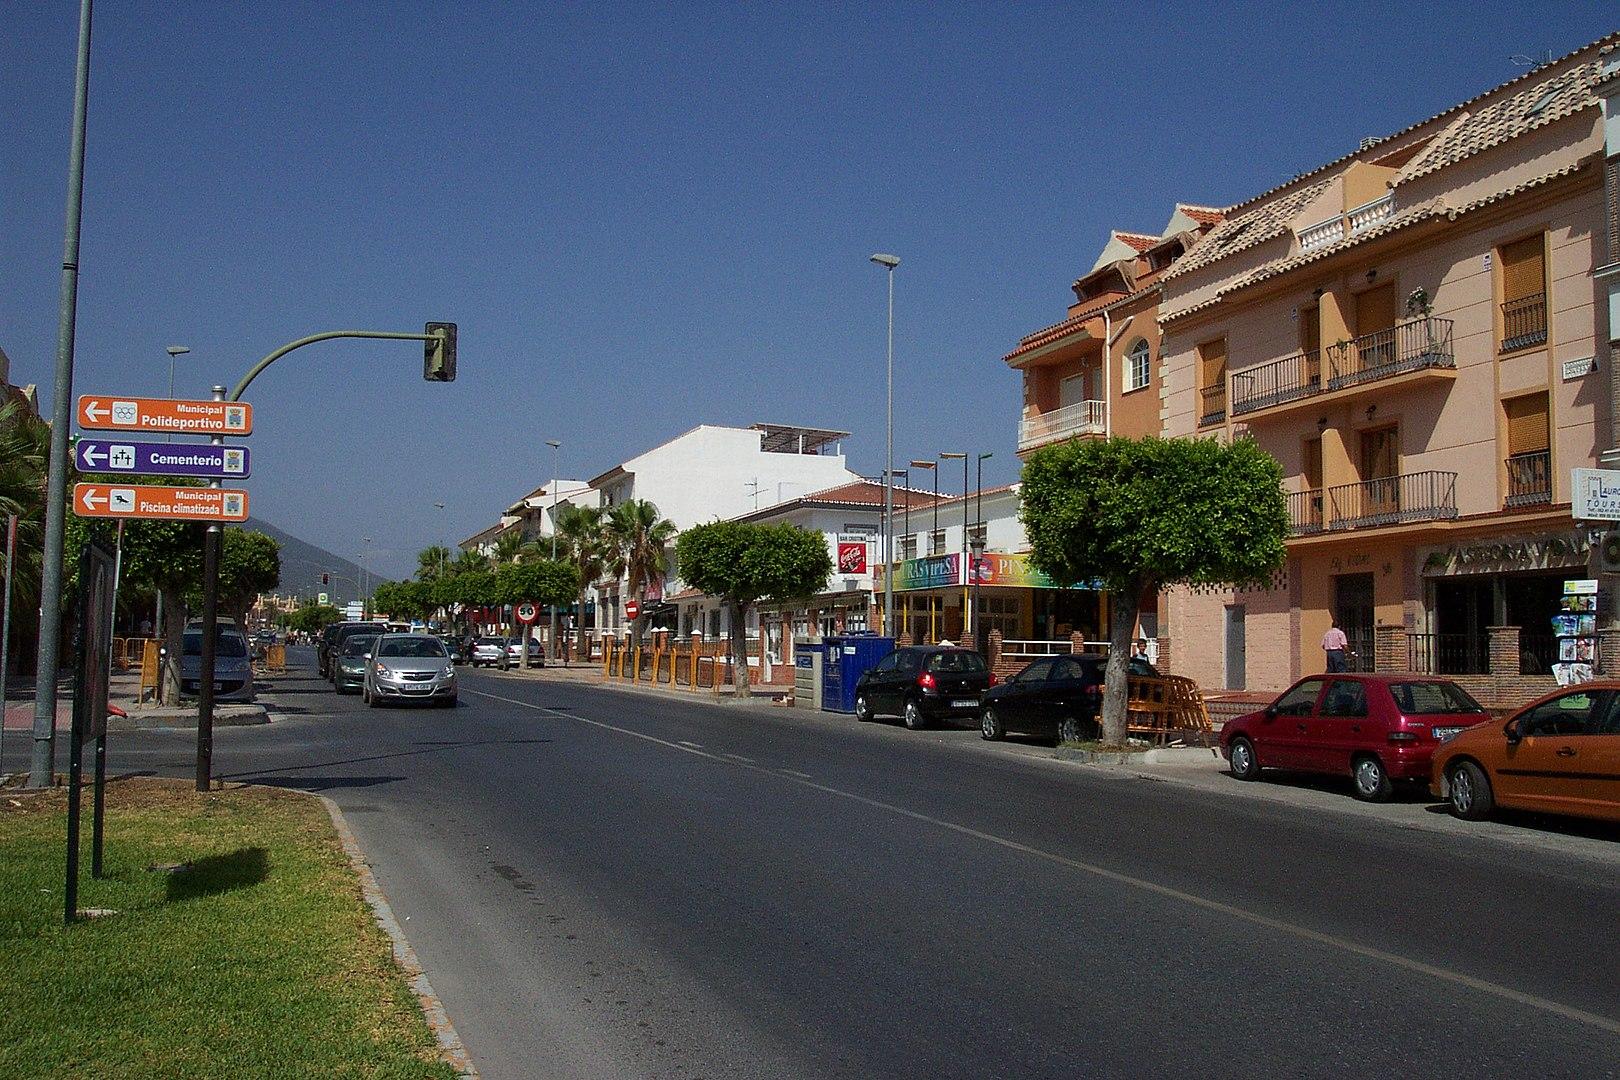 Imagen de la noticia Proceso participativo subvencionado en el Ayuntamiento de Alhaurín de la Torre